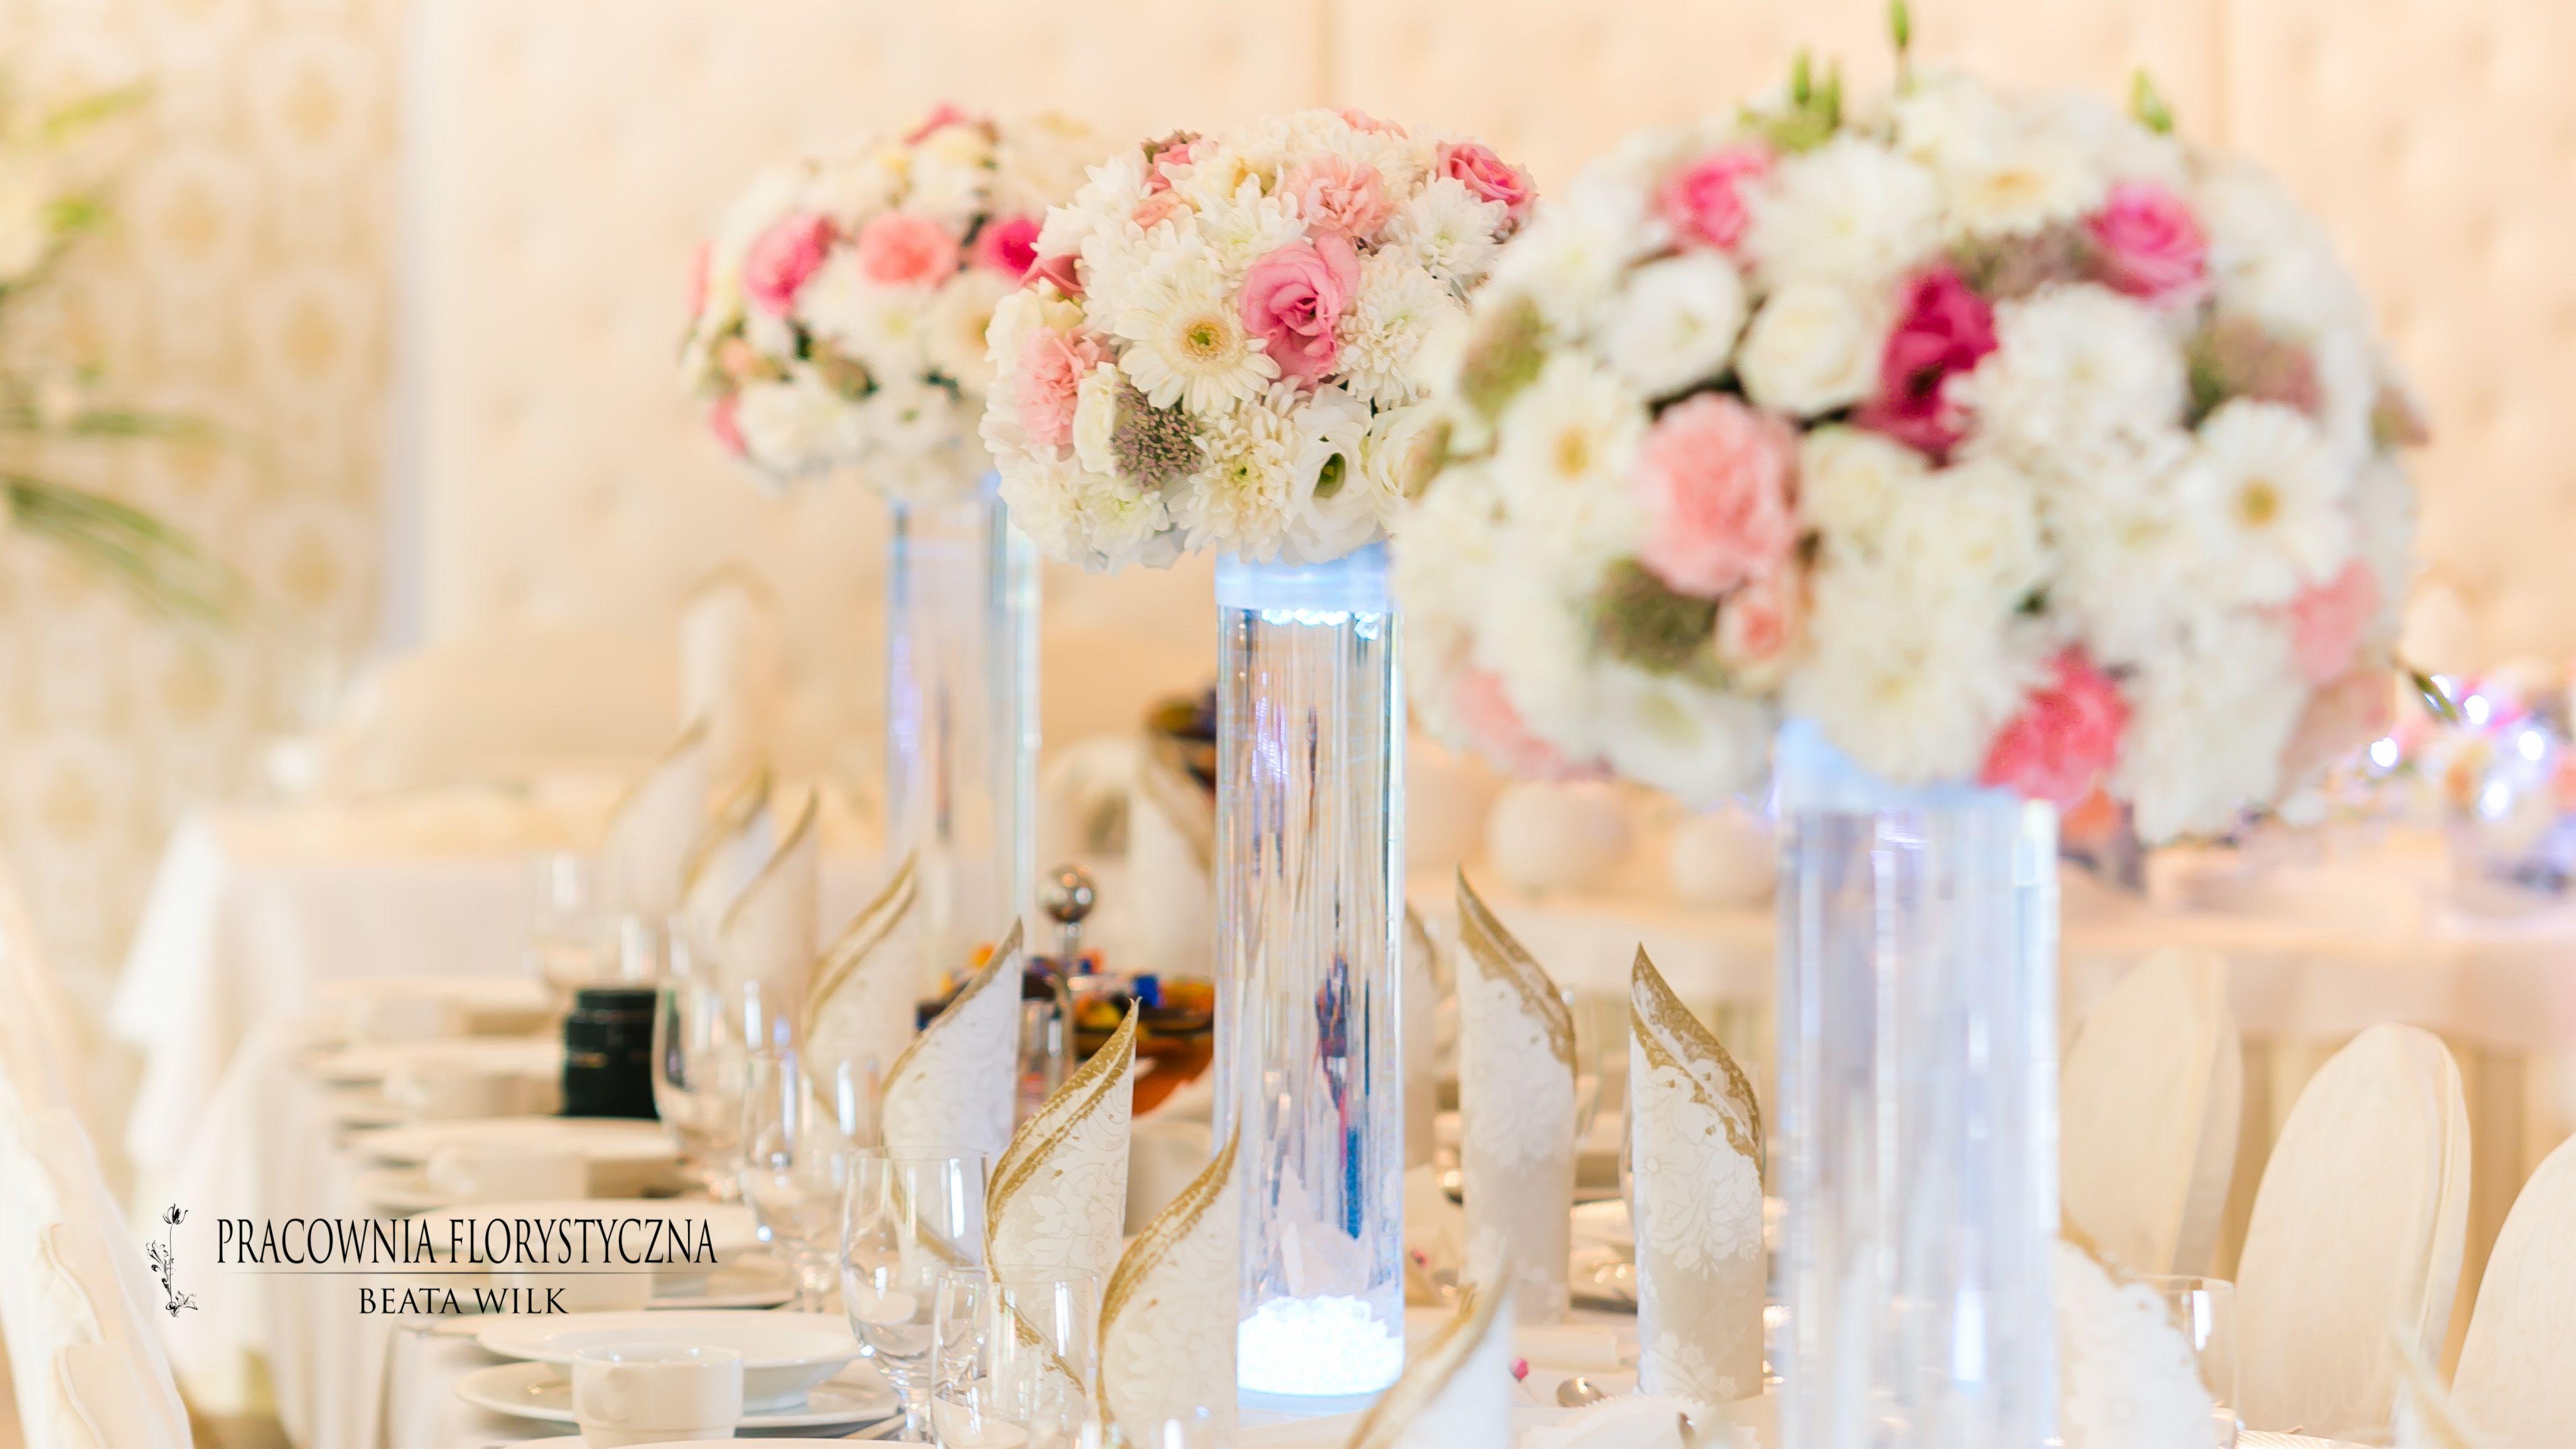 Dekoracja Sali Weselnej Szklane Tuby Podswietlane Pikowany Parawan Wedding Decorations Table Decorations Decor